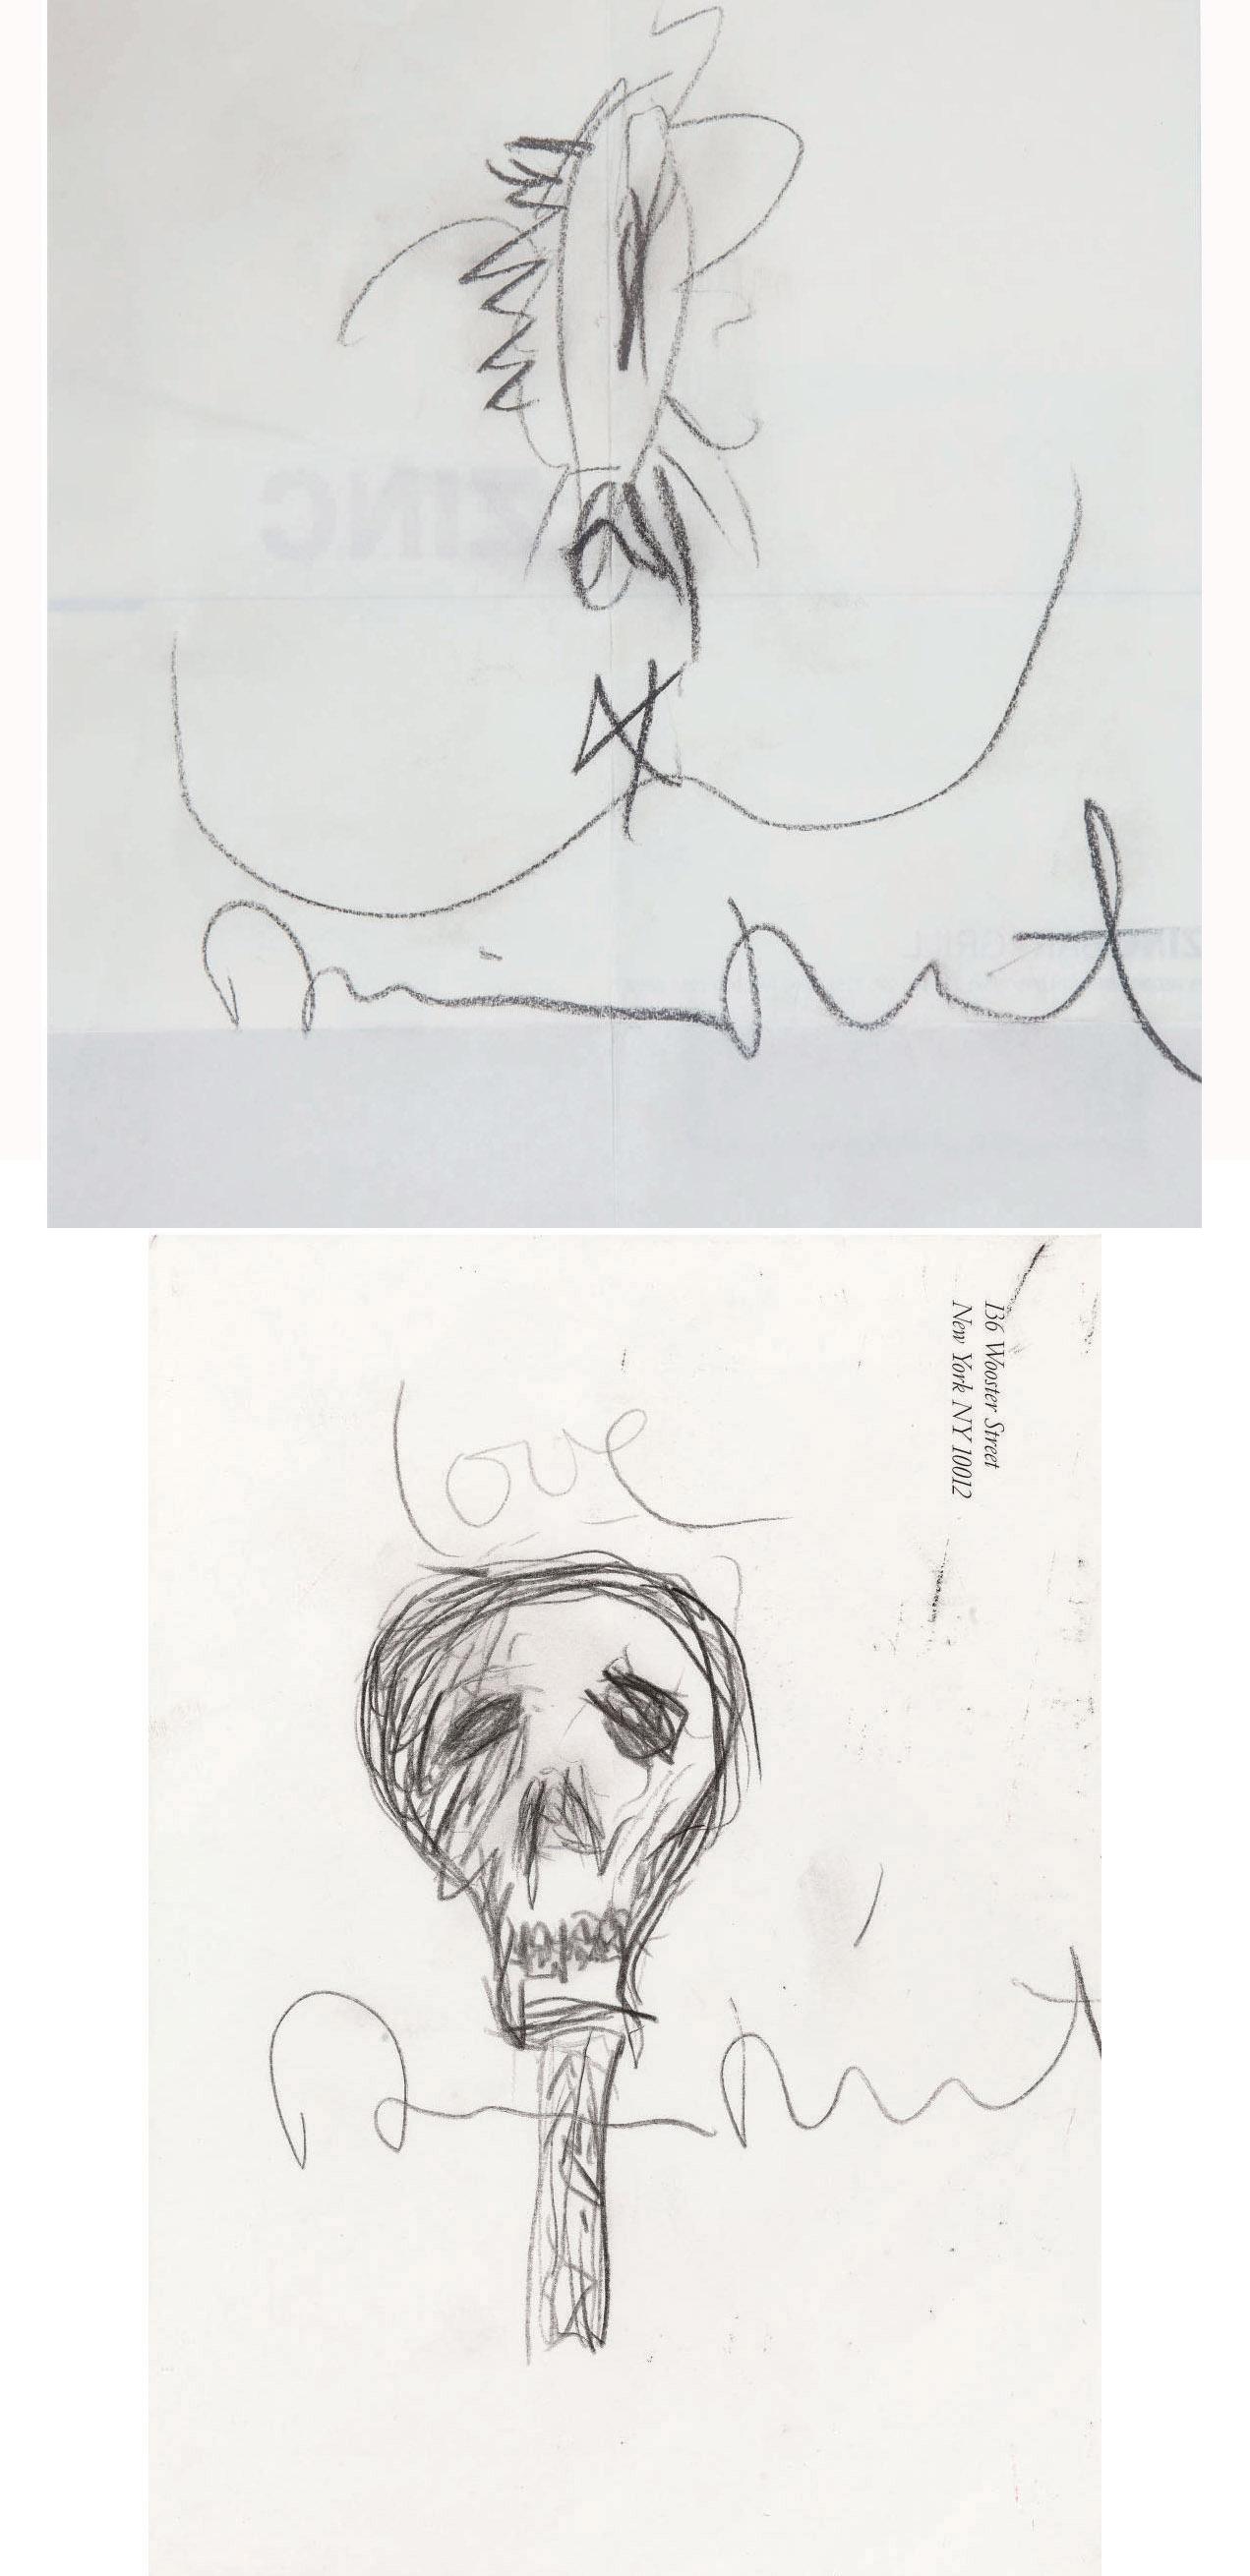 Damien Hirst B 1965 Damien Hirst B 1965 1990s Drawings Watercolors Christie S